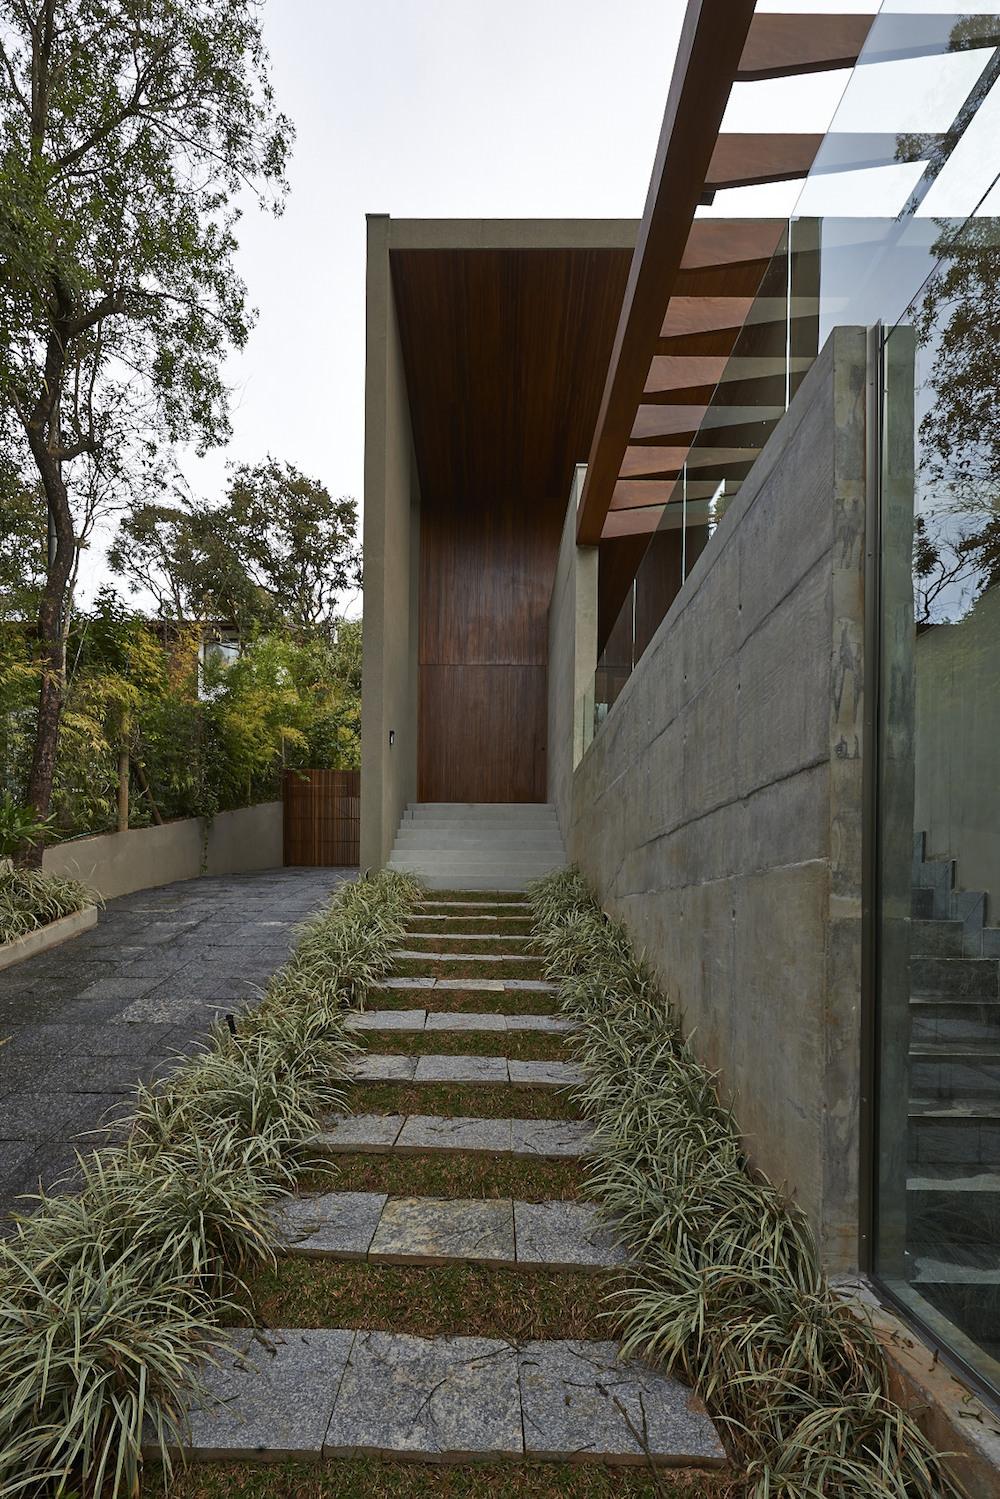 52a3df9de8e44e90be000115_bosque-da-ribeira-anastasia-arquitetos__dsc7387